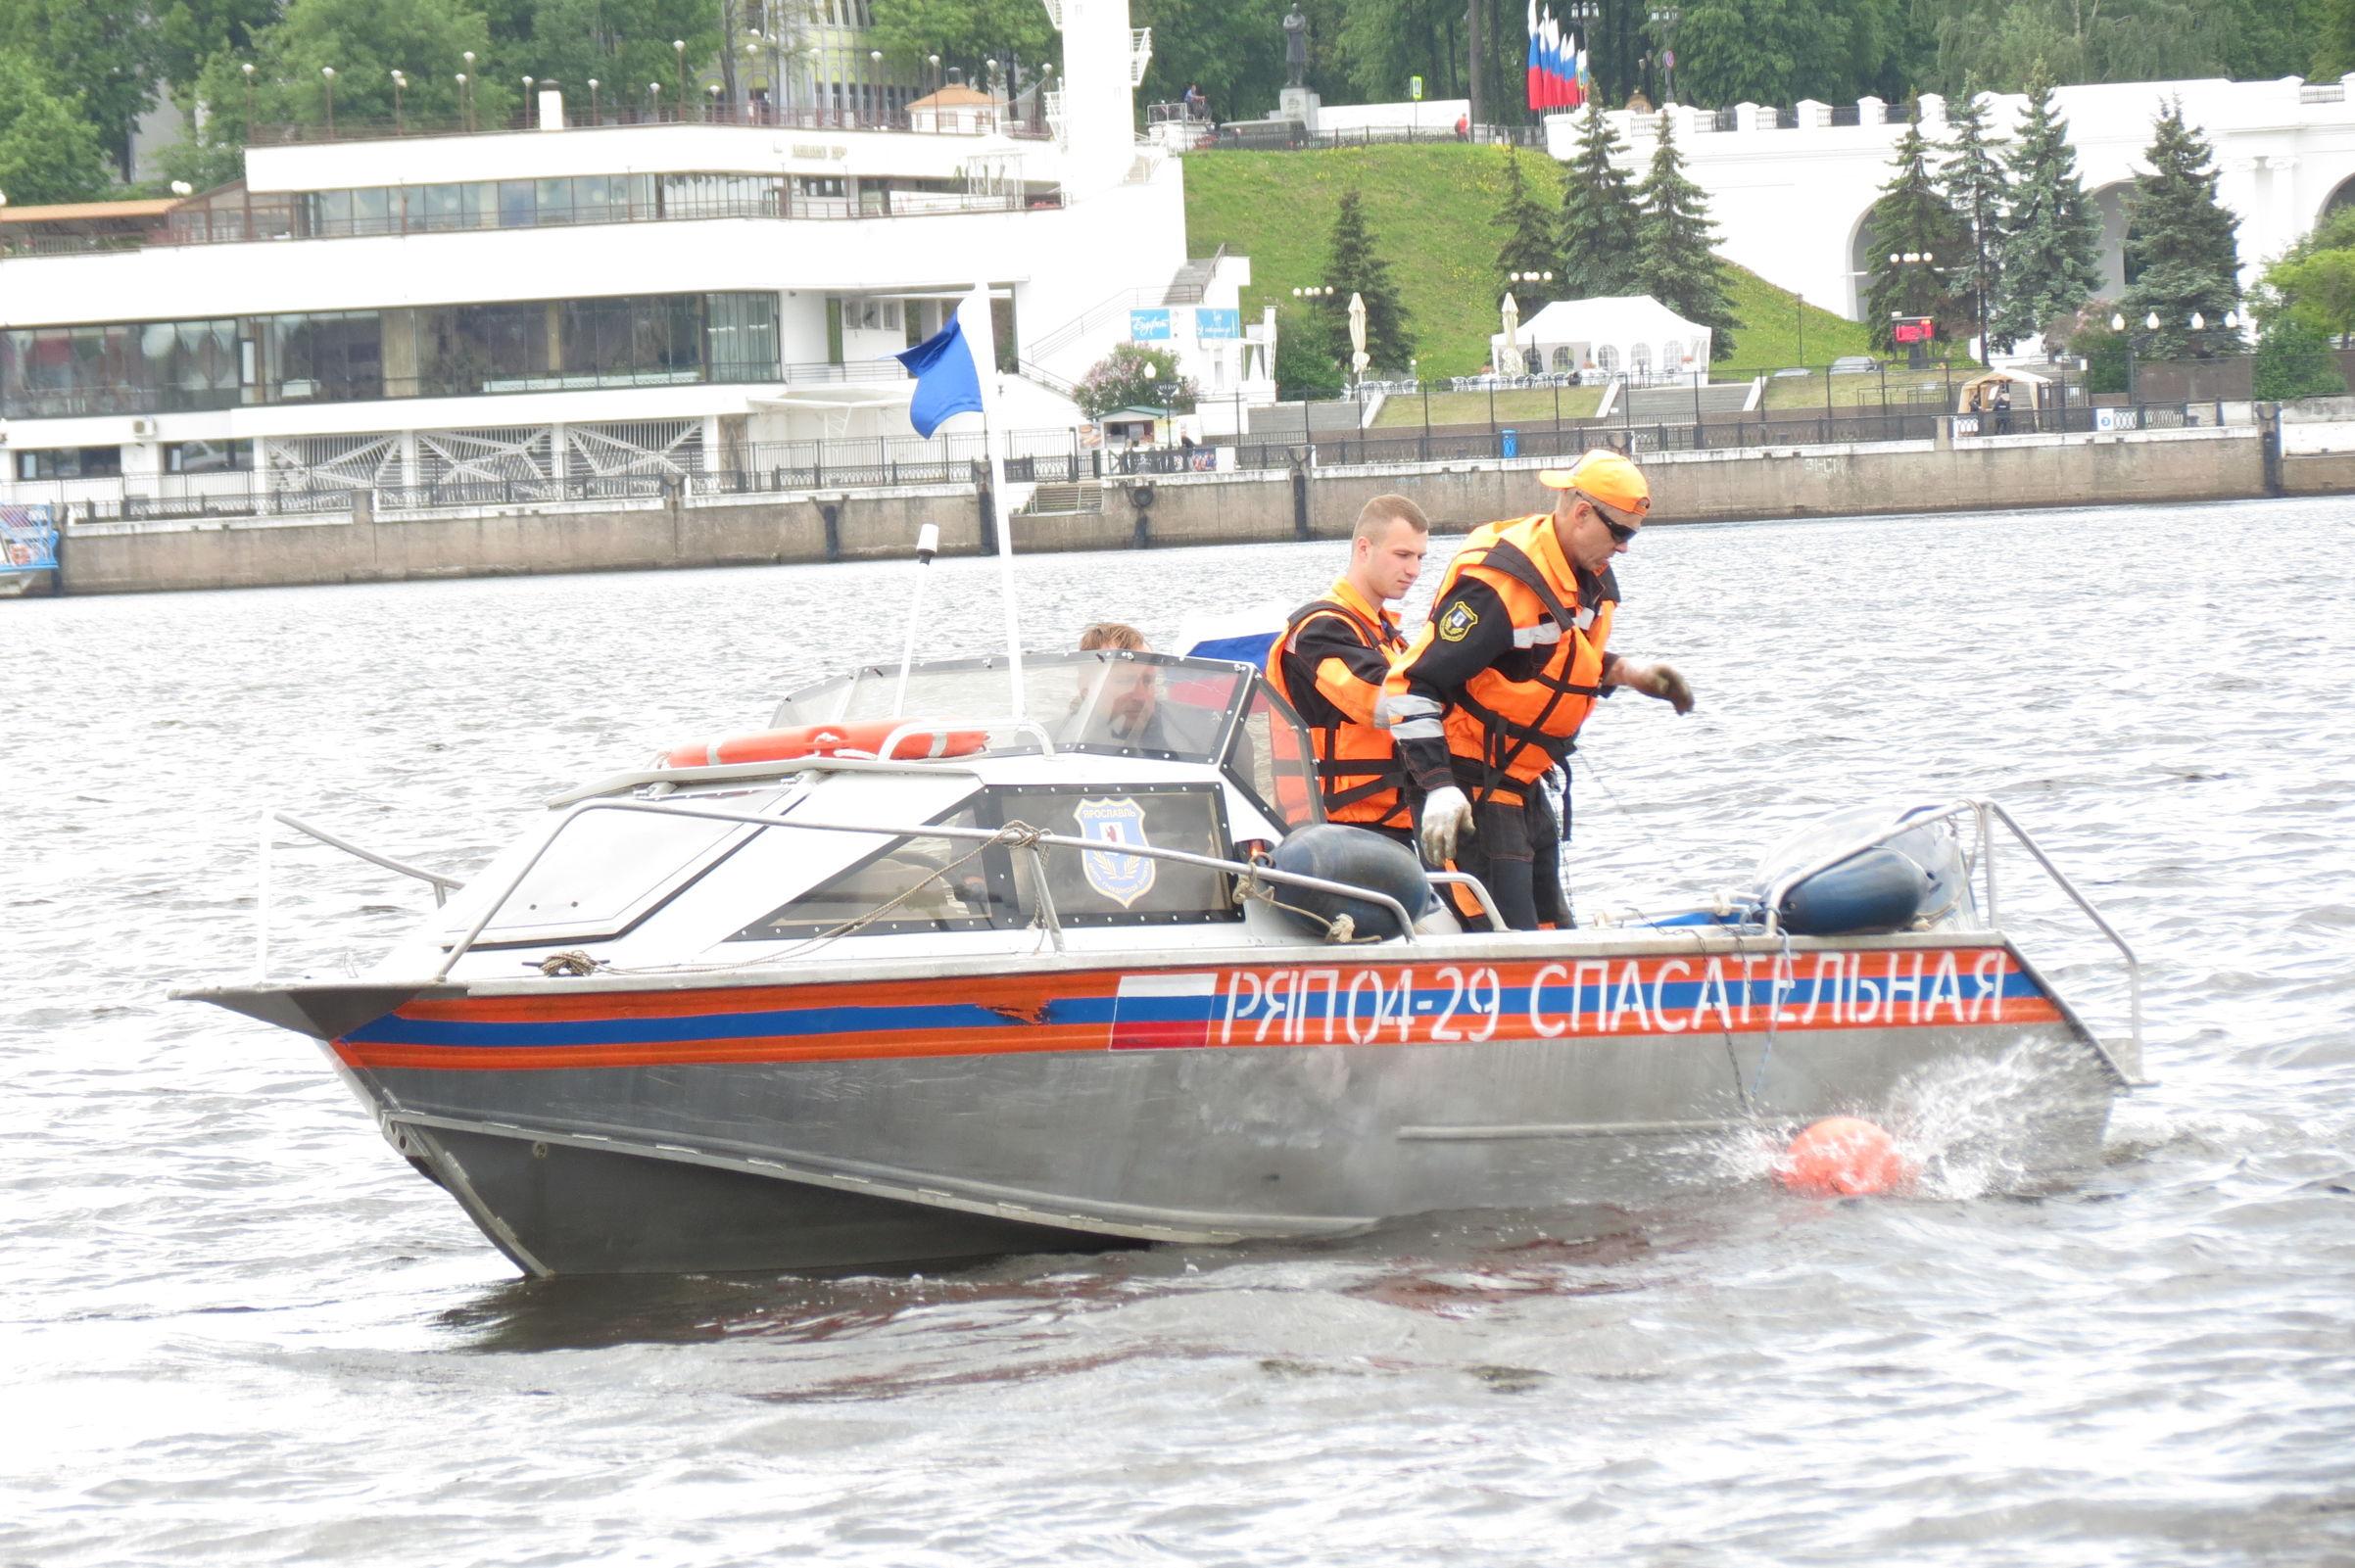 Горшки, автомобильные сиденья и гора мусора: что нашли водолазы в реках Ярославля